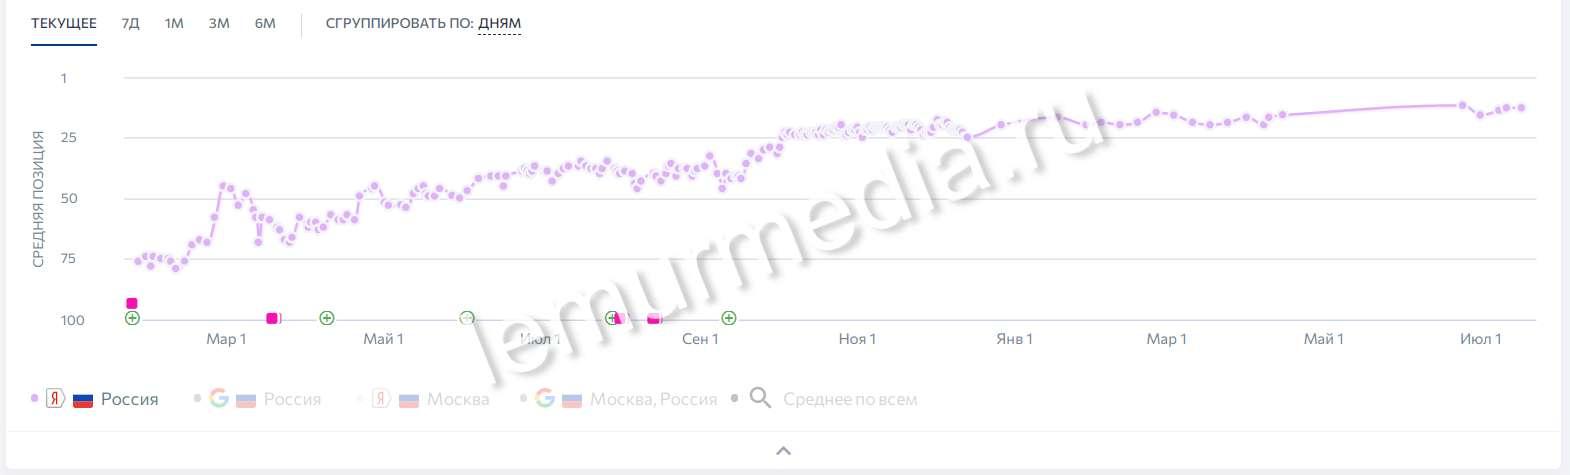 График средней позиции Яндекс вся Россия